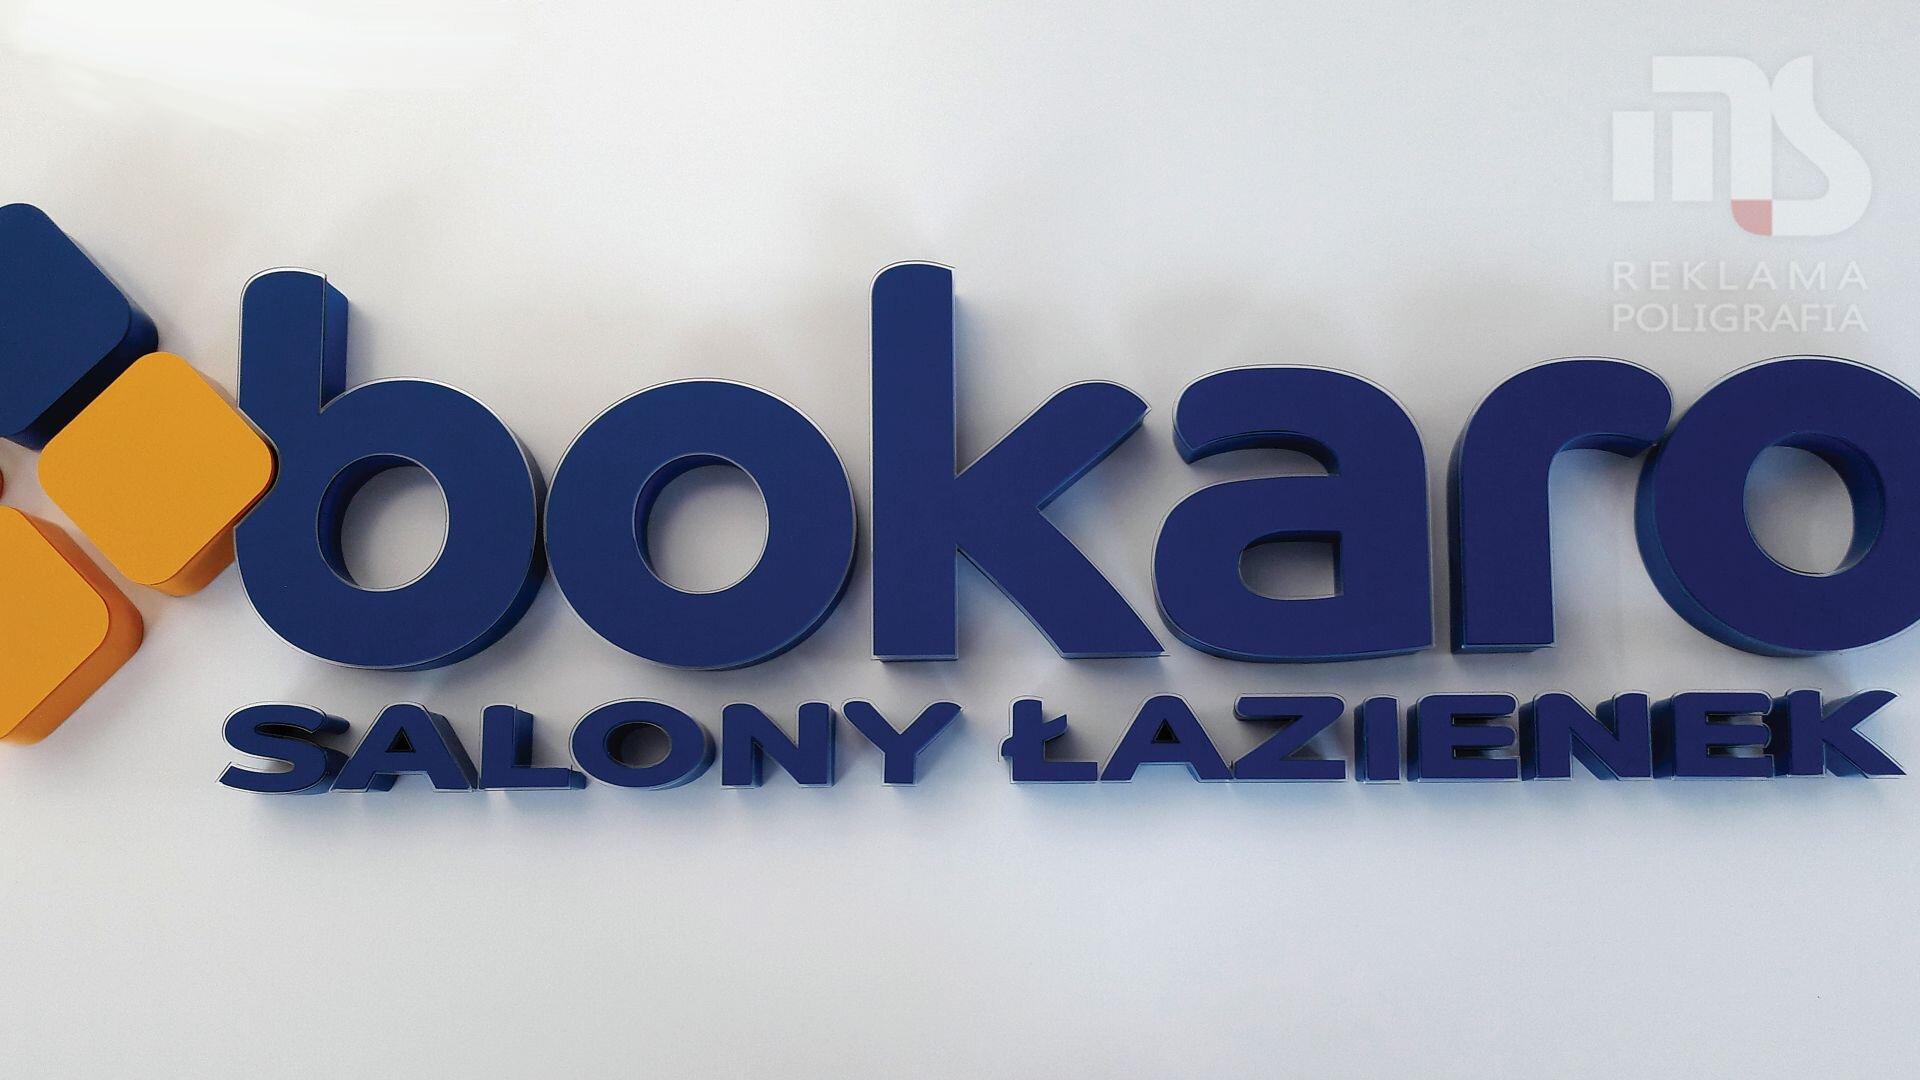 2021 14 reklama przestrzenna -1920x1080 px-Bokaro